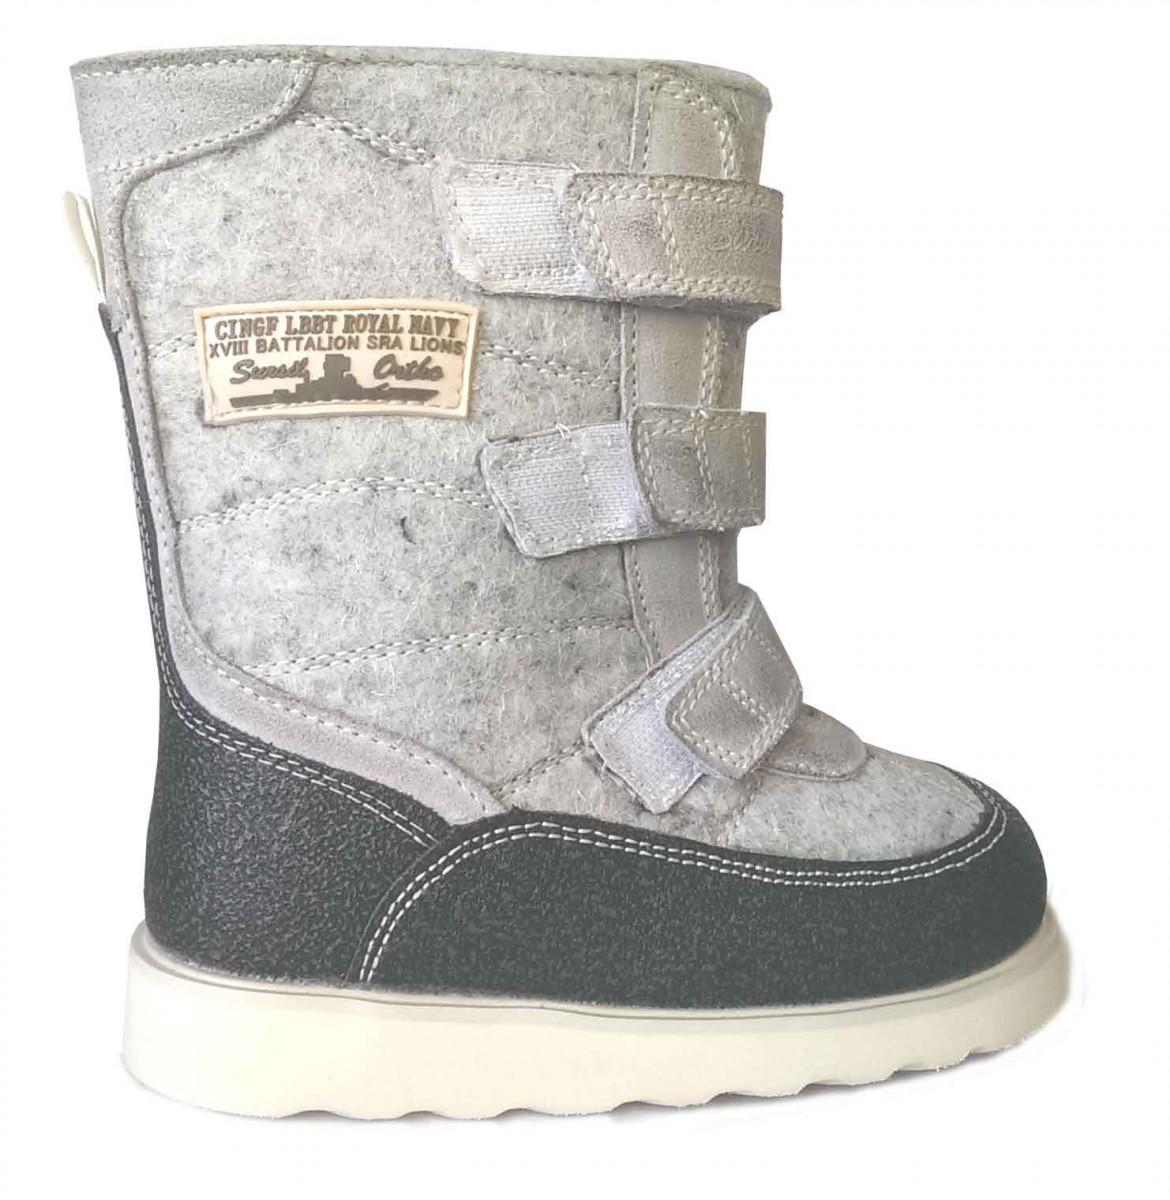 4e4a6da80 Сапожки ортопедические детские. Зимняя ортопедическая обувь ...